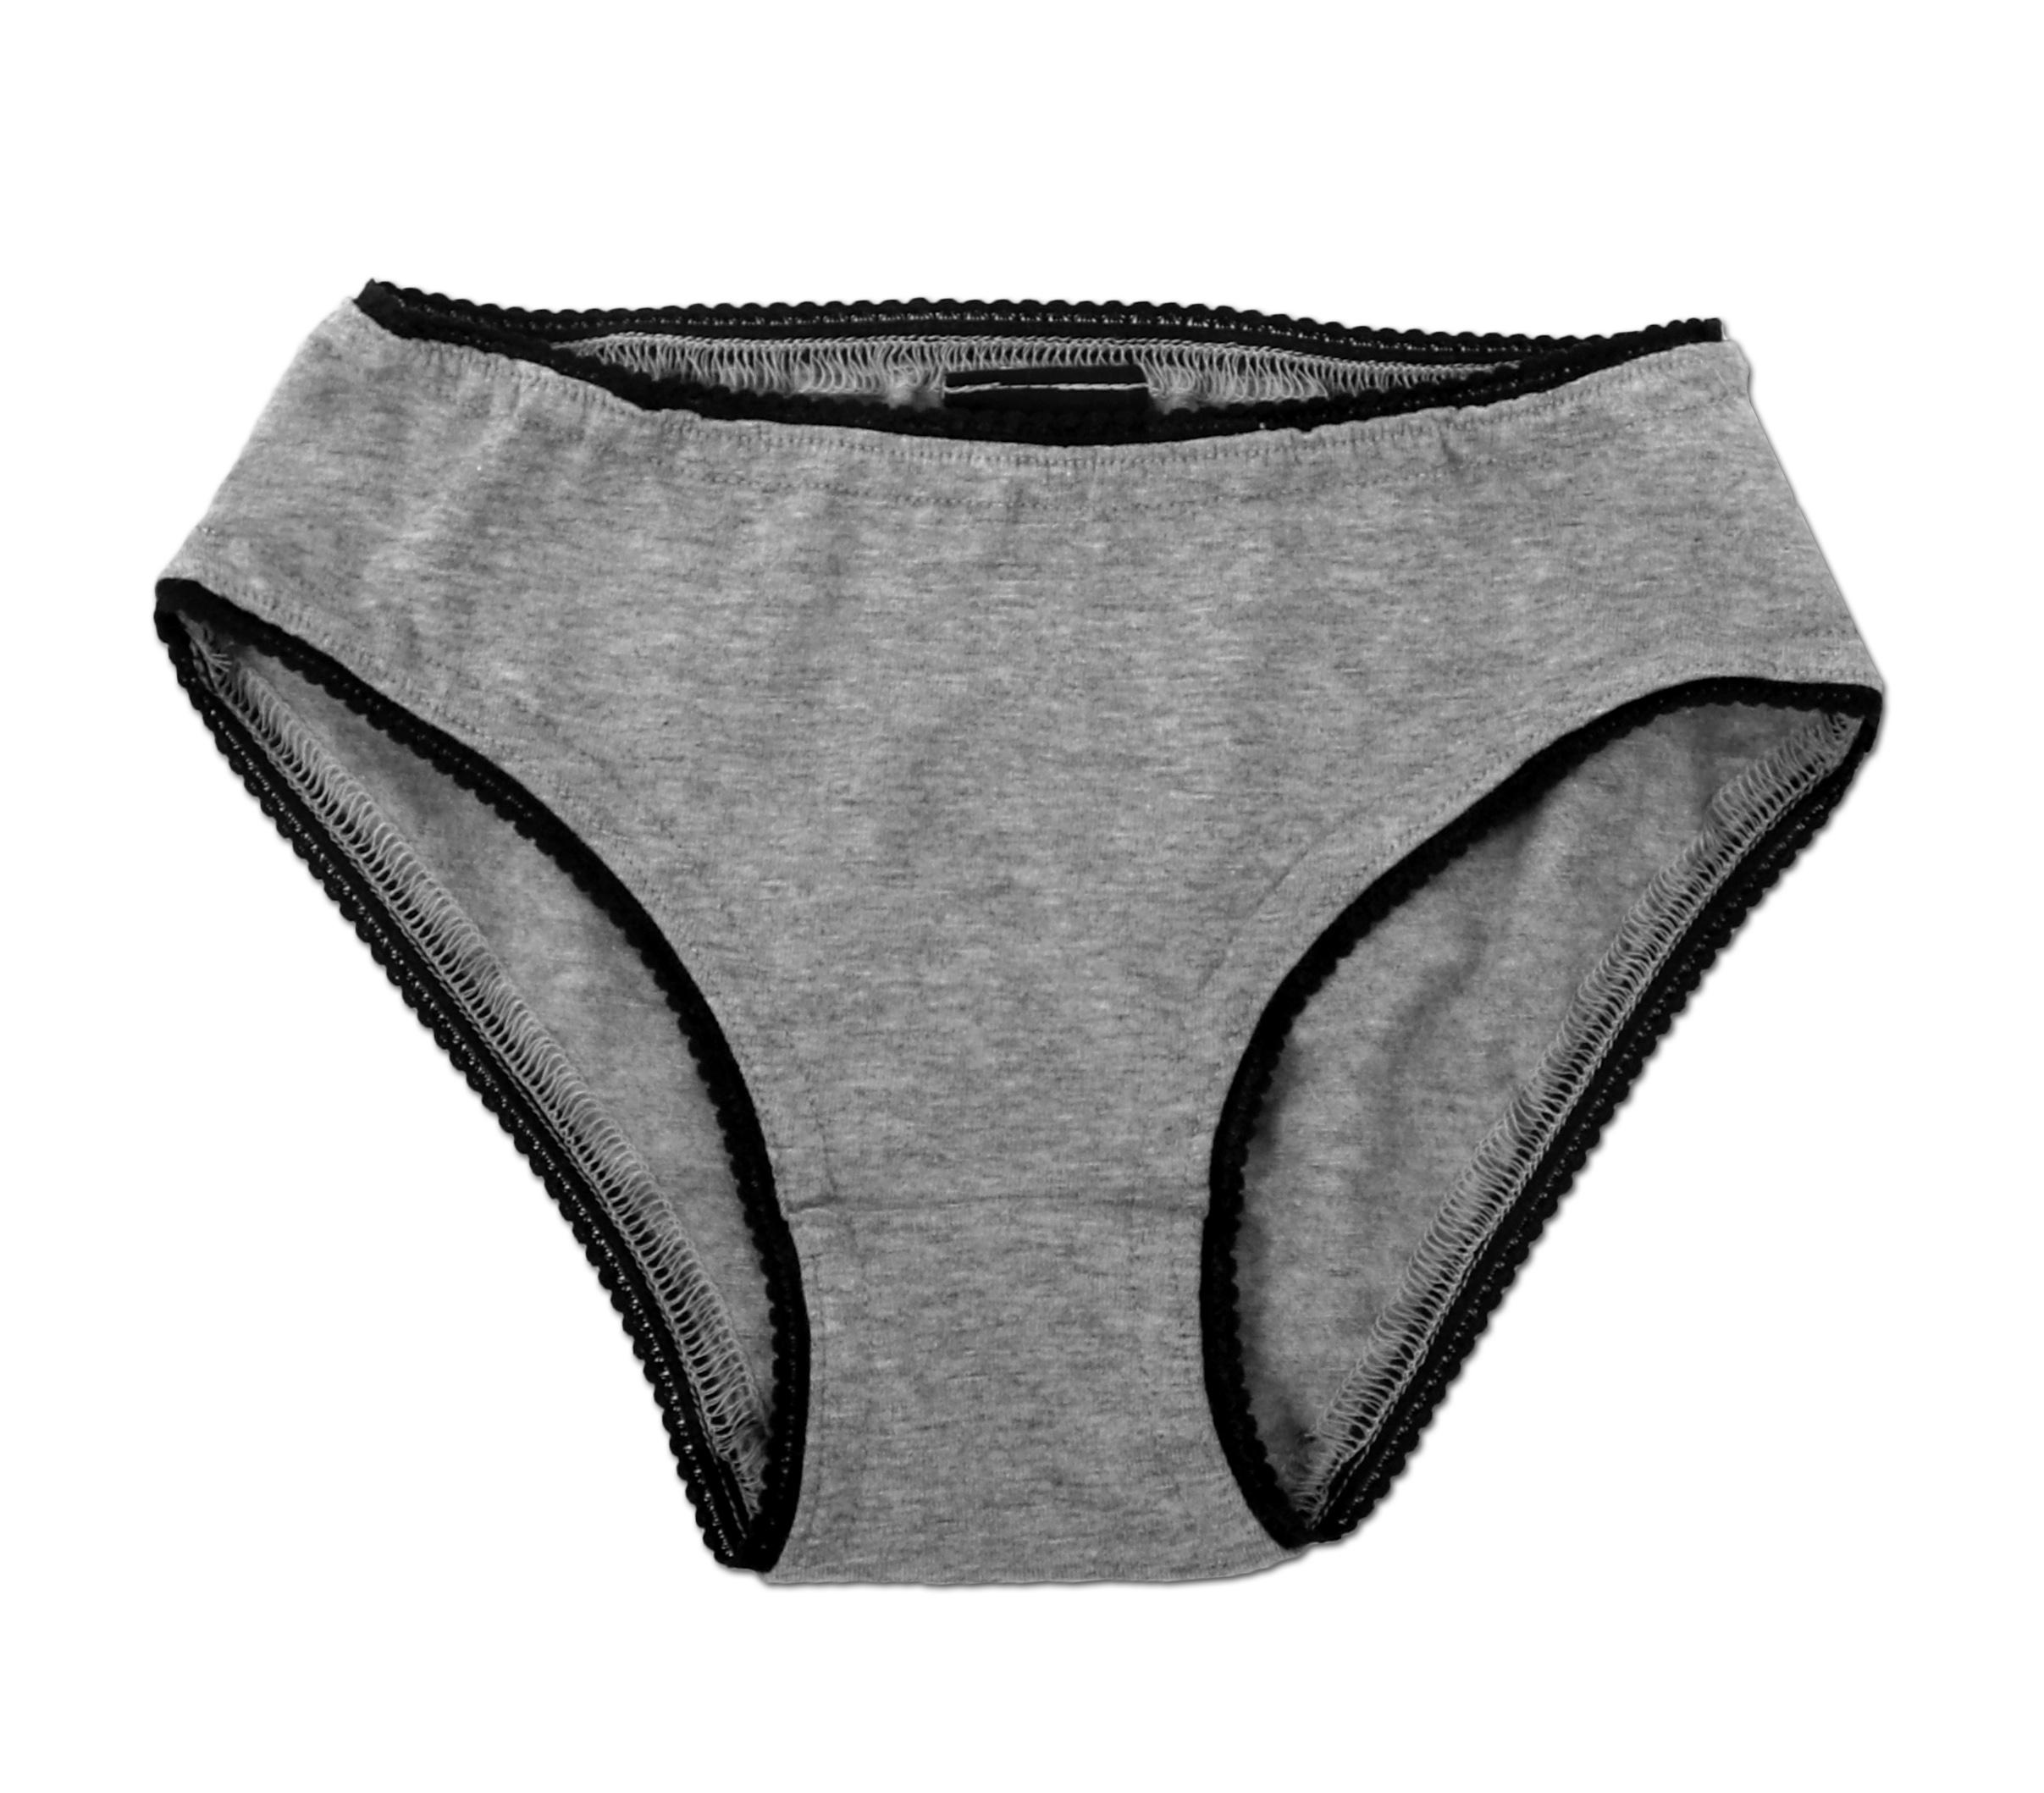 Dívčí bavlněné kalhotky, šedý melír, 92